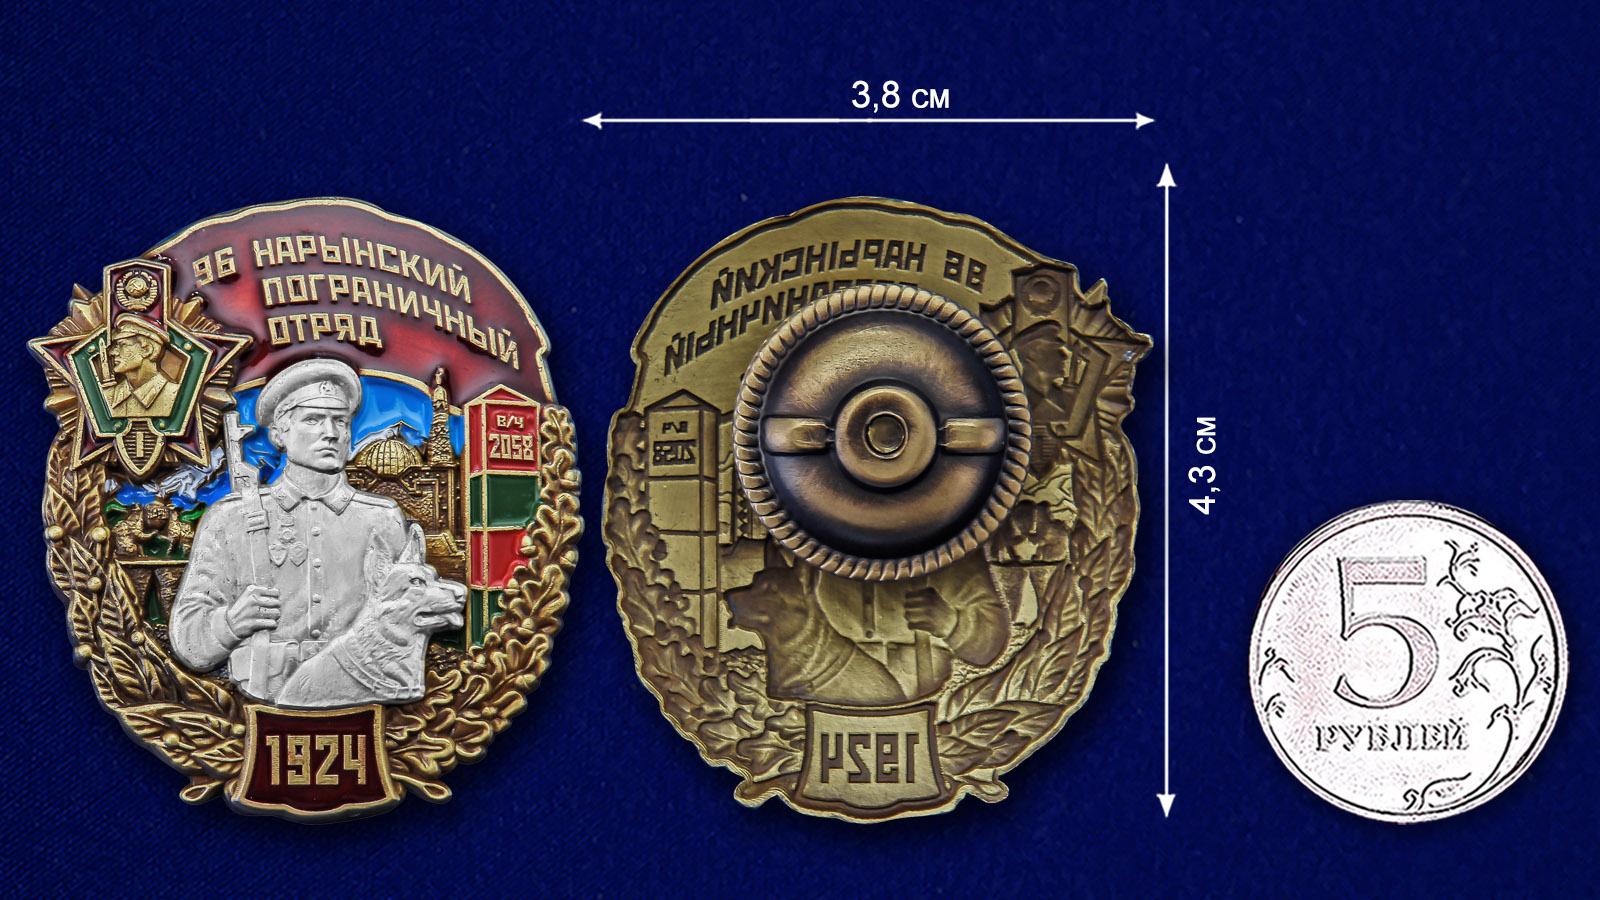 Латунный знак 96 Нарынский пограничный отряд - сравнительный вид